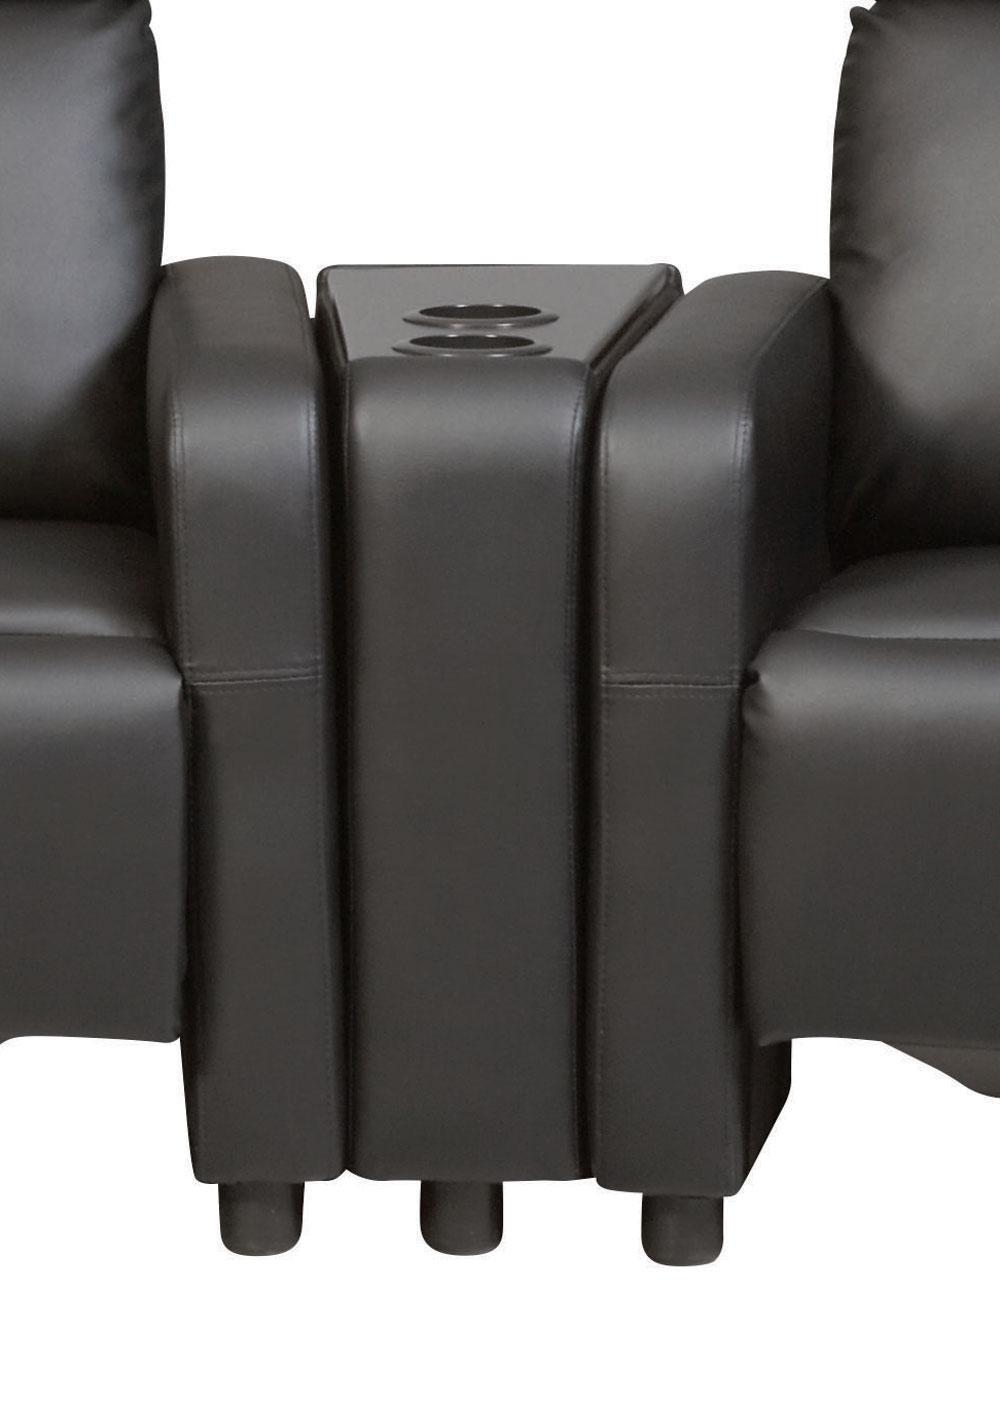 Allie Sofa | Passport Furnishings Within Allie Dark Grey Sofa Chairs (Image 10 of 25)